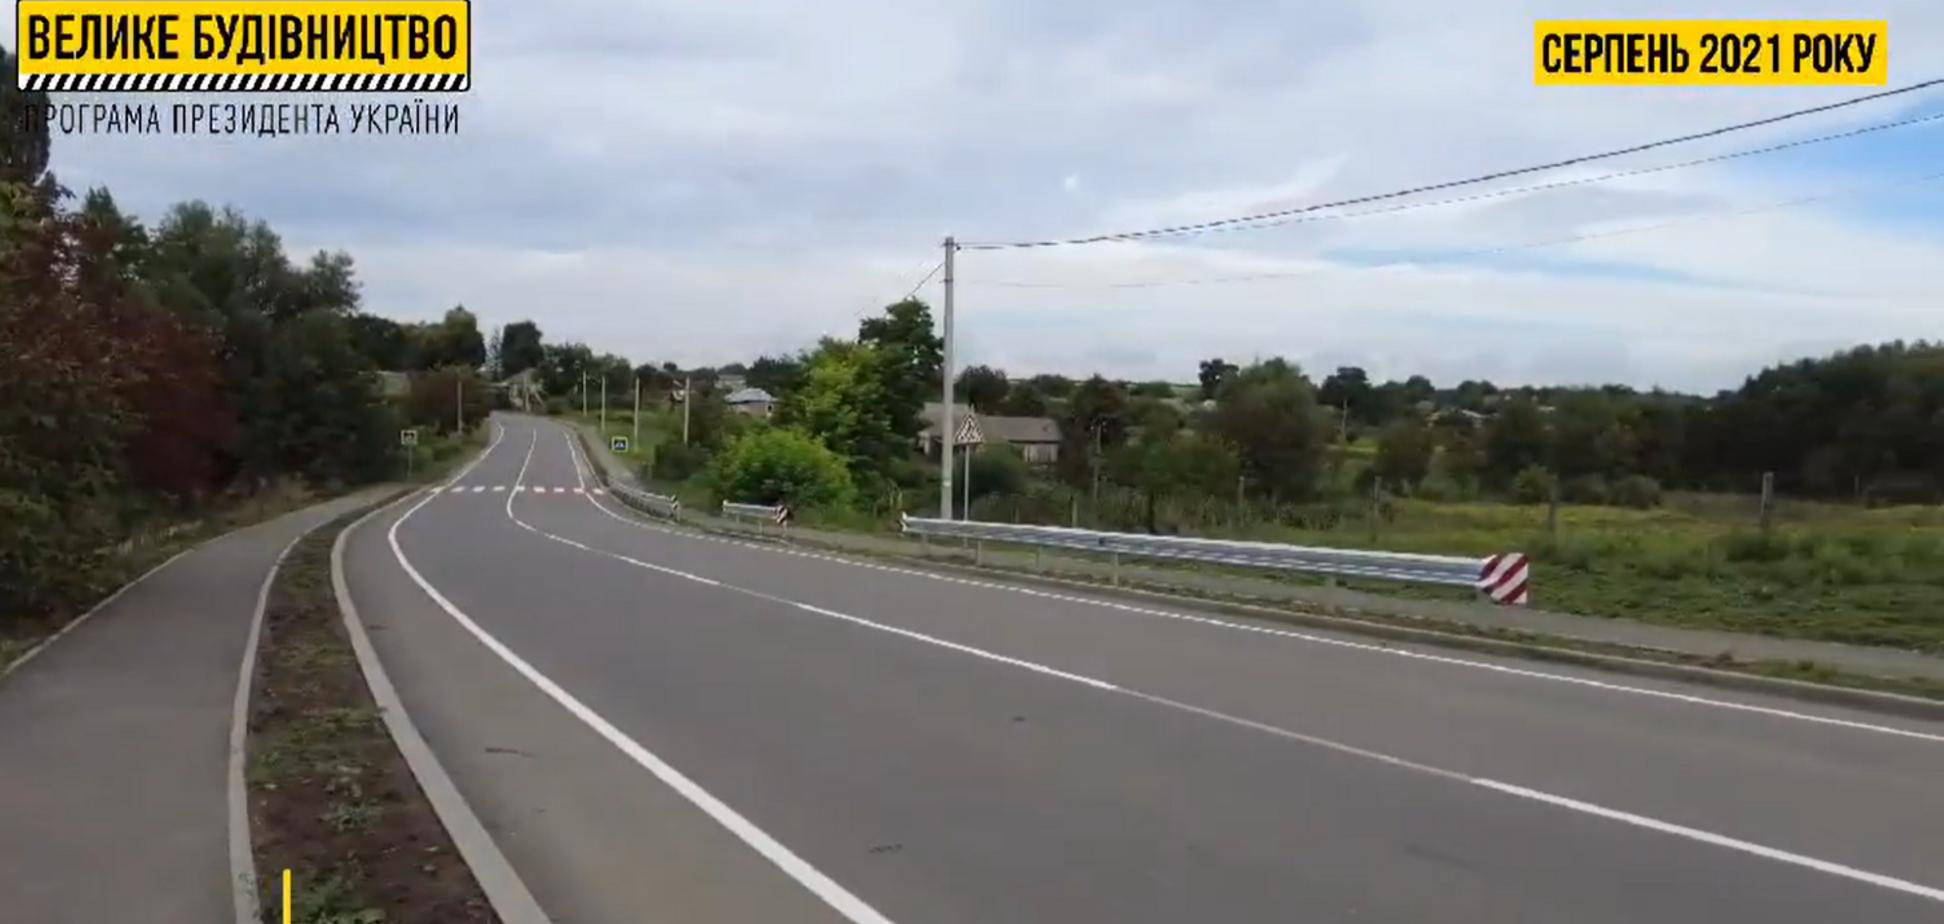 На Вінниччині показали, як 'Велике будівництво' Зеленського змінило вщент розбиту дорогу. Відео